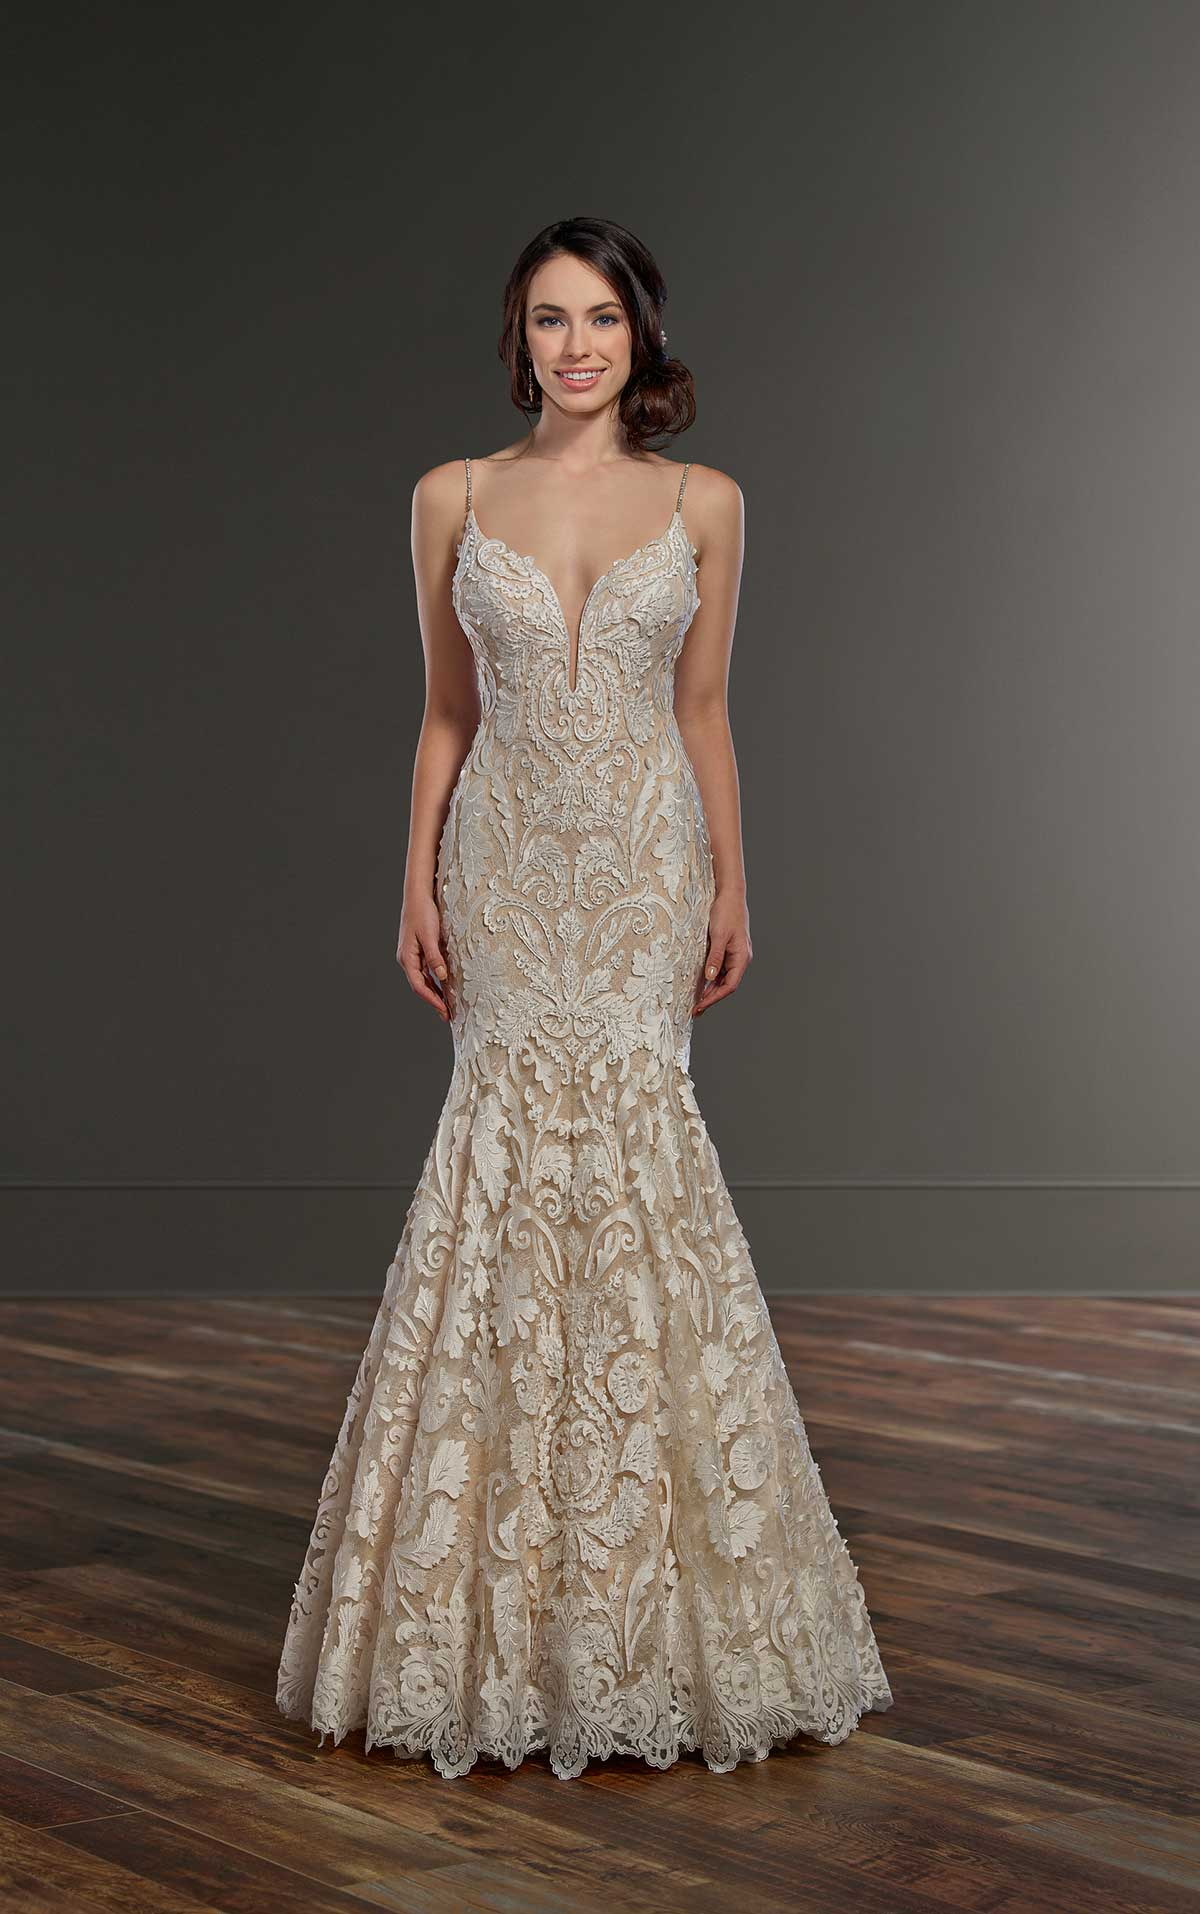 boho inspired wedding dresses photo - 1